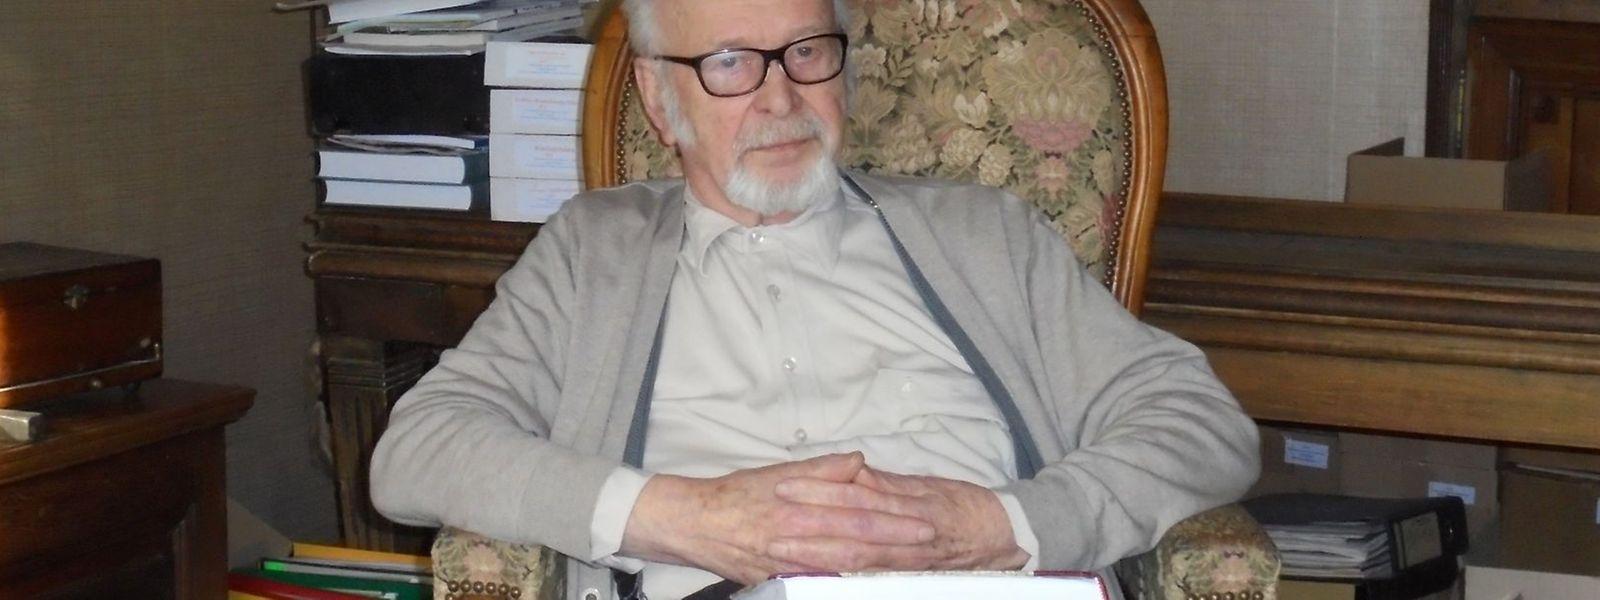 Auch mit 83 Jahren hat Dr. Prosper Kayser noch große Pläne.